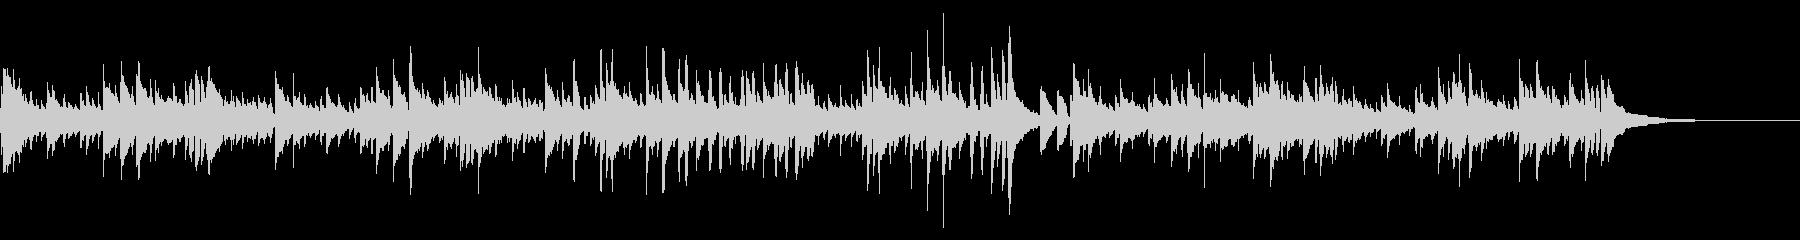 アコギ生音/ノスタルジック、秋の訪れの未再生の波形